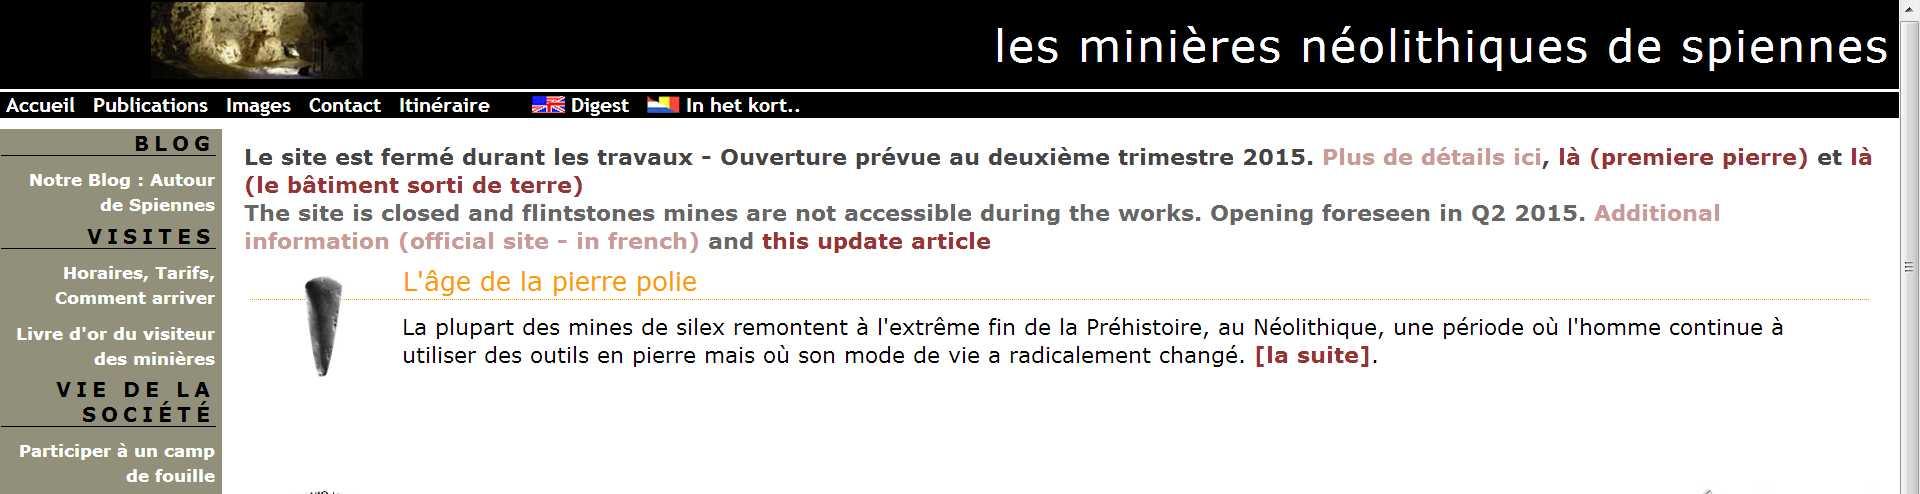 Lieux Mythiques de la Francophonie 77 à 107 (Janvier 2014 - Janvier 2015) - Page 11 2014-143